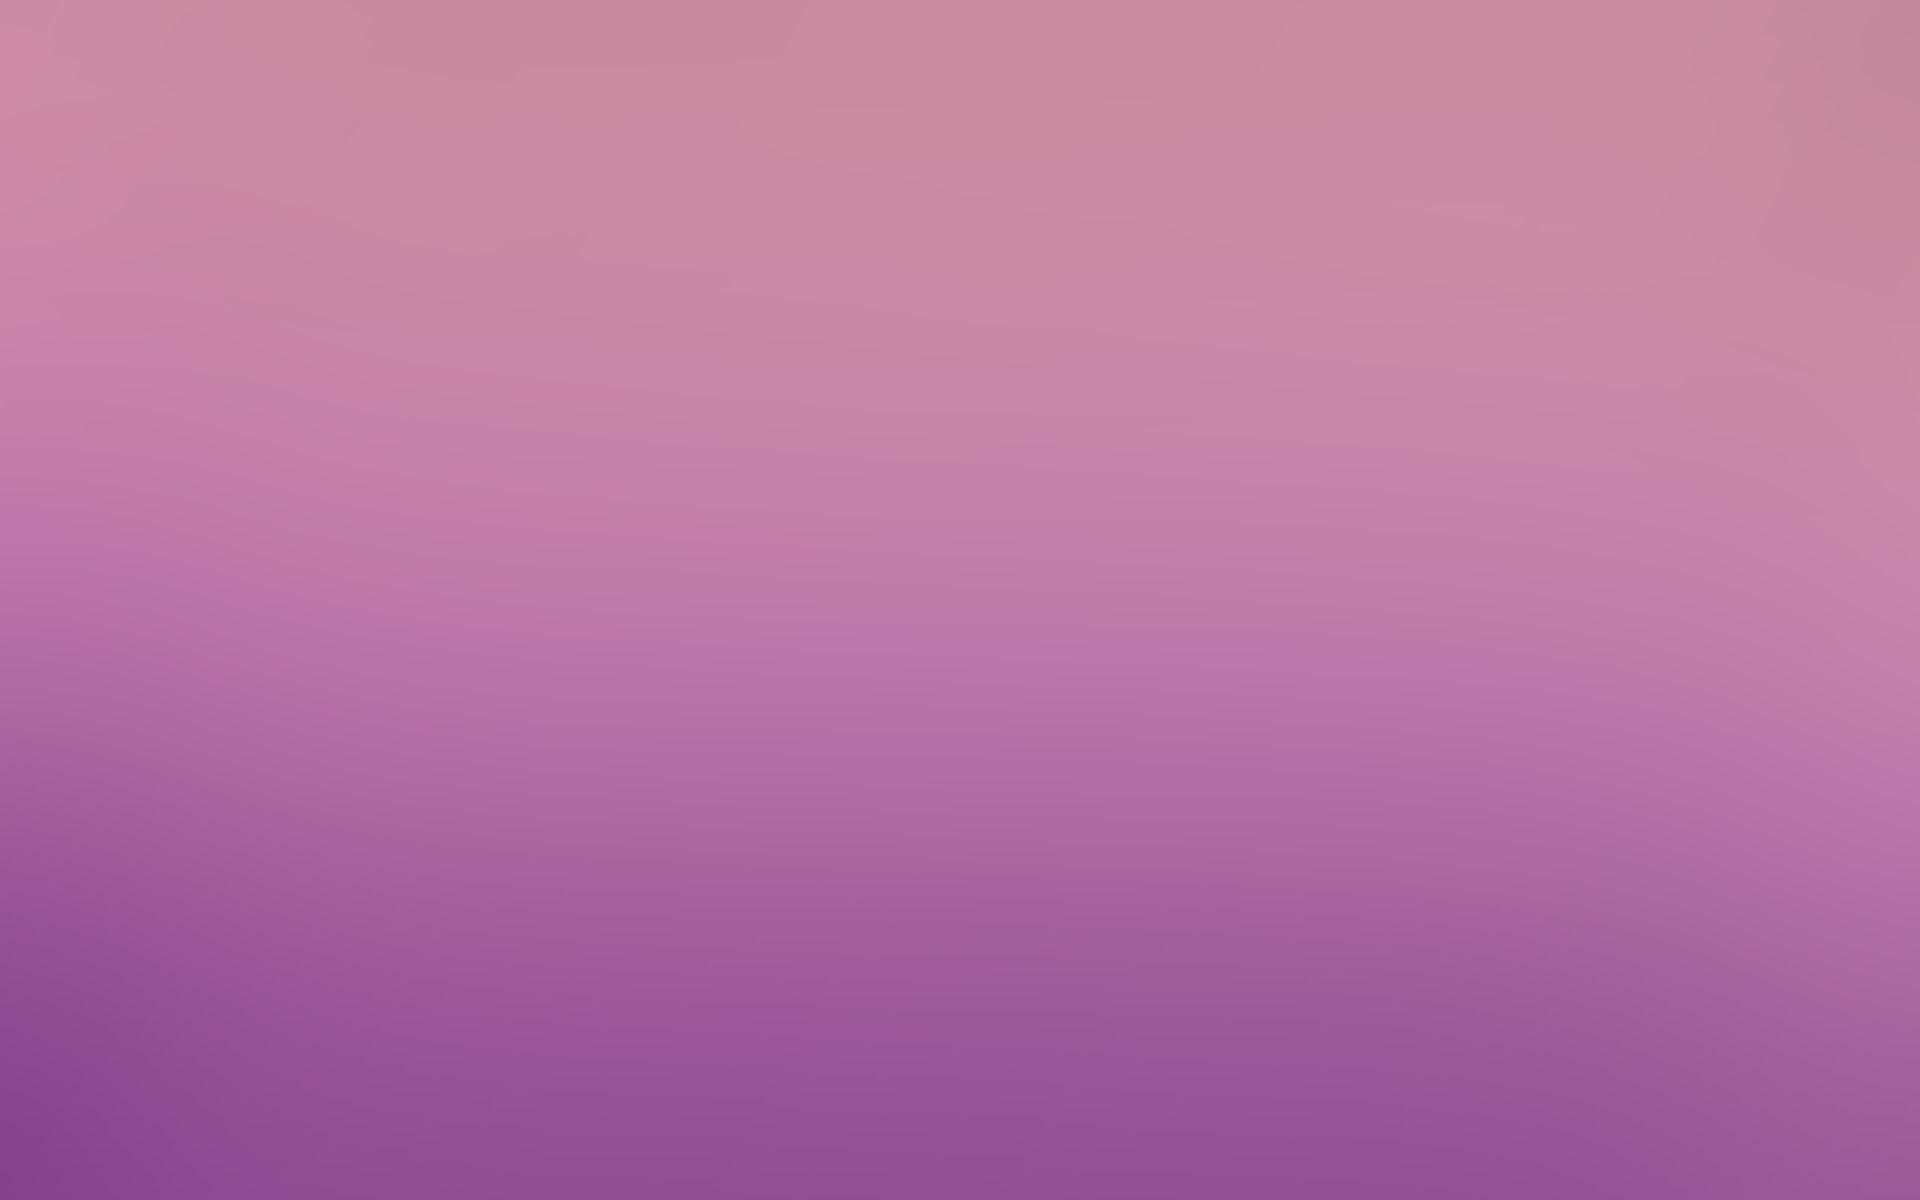 pastel wallpaper 46976